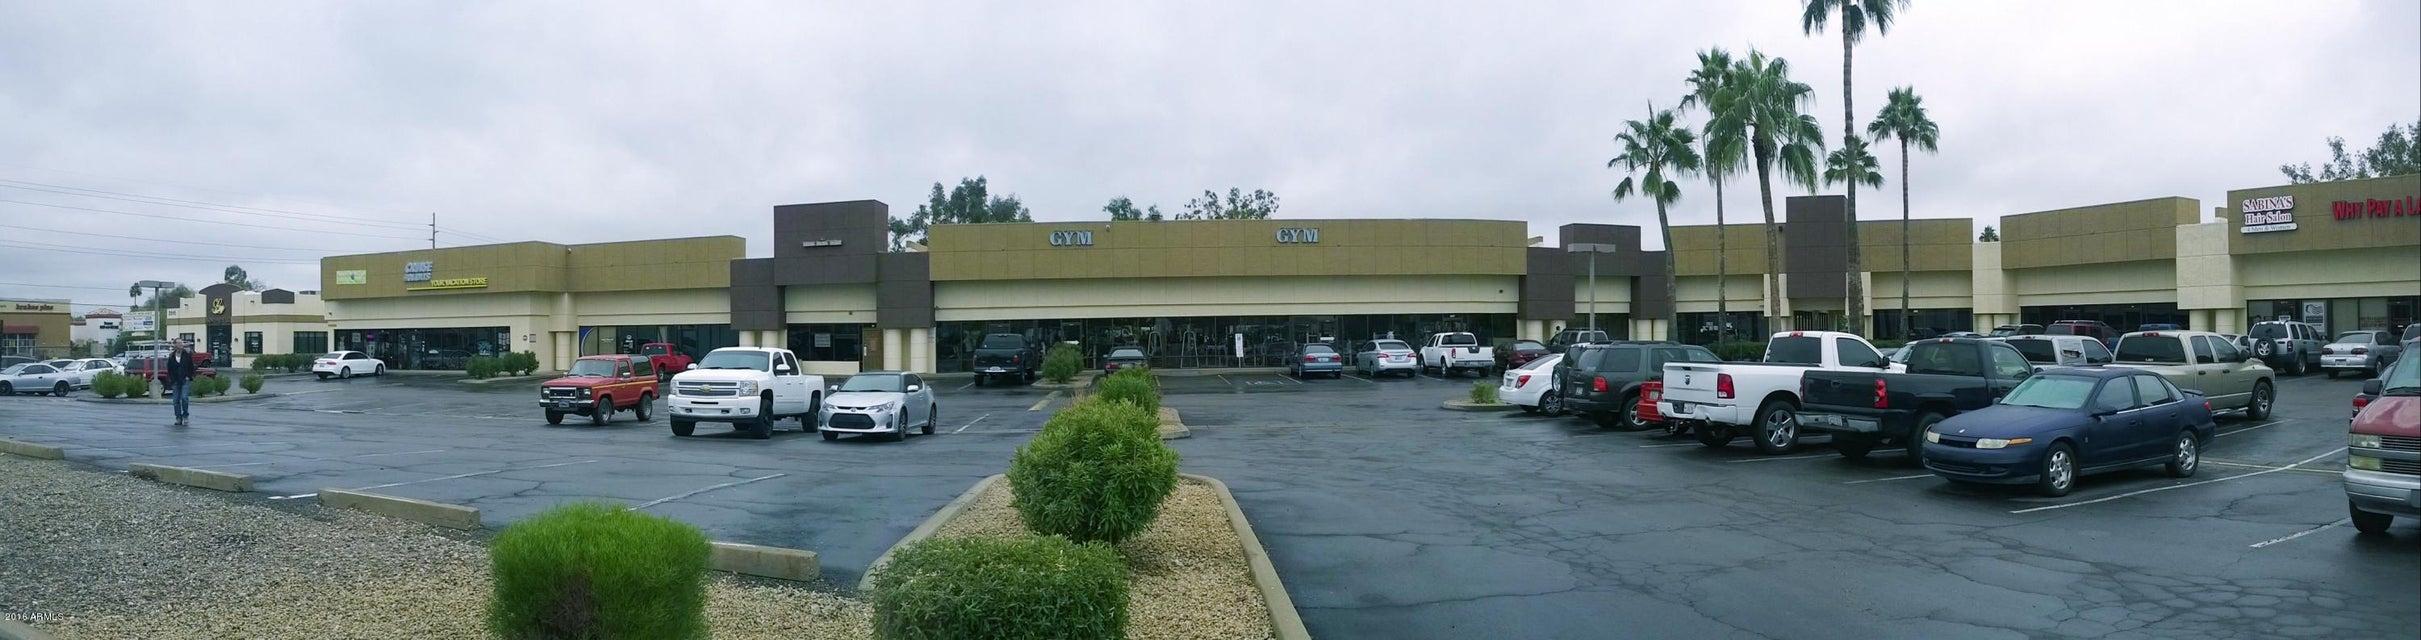 3515 W UNION HILLS Drive 112, Glendale, AZ 85308